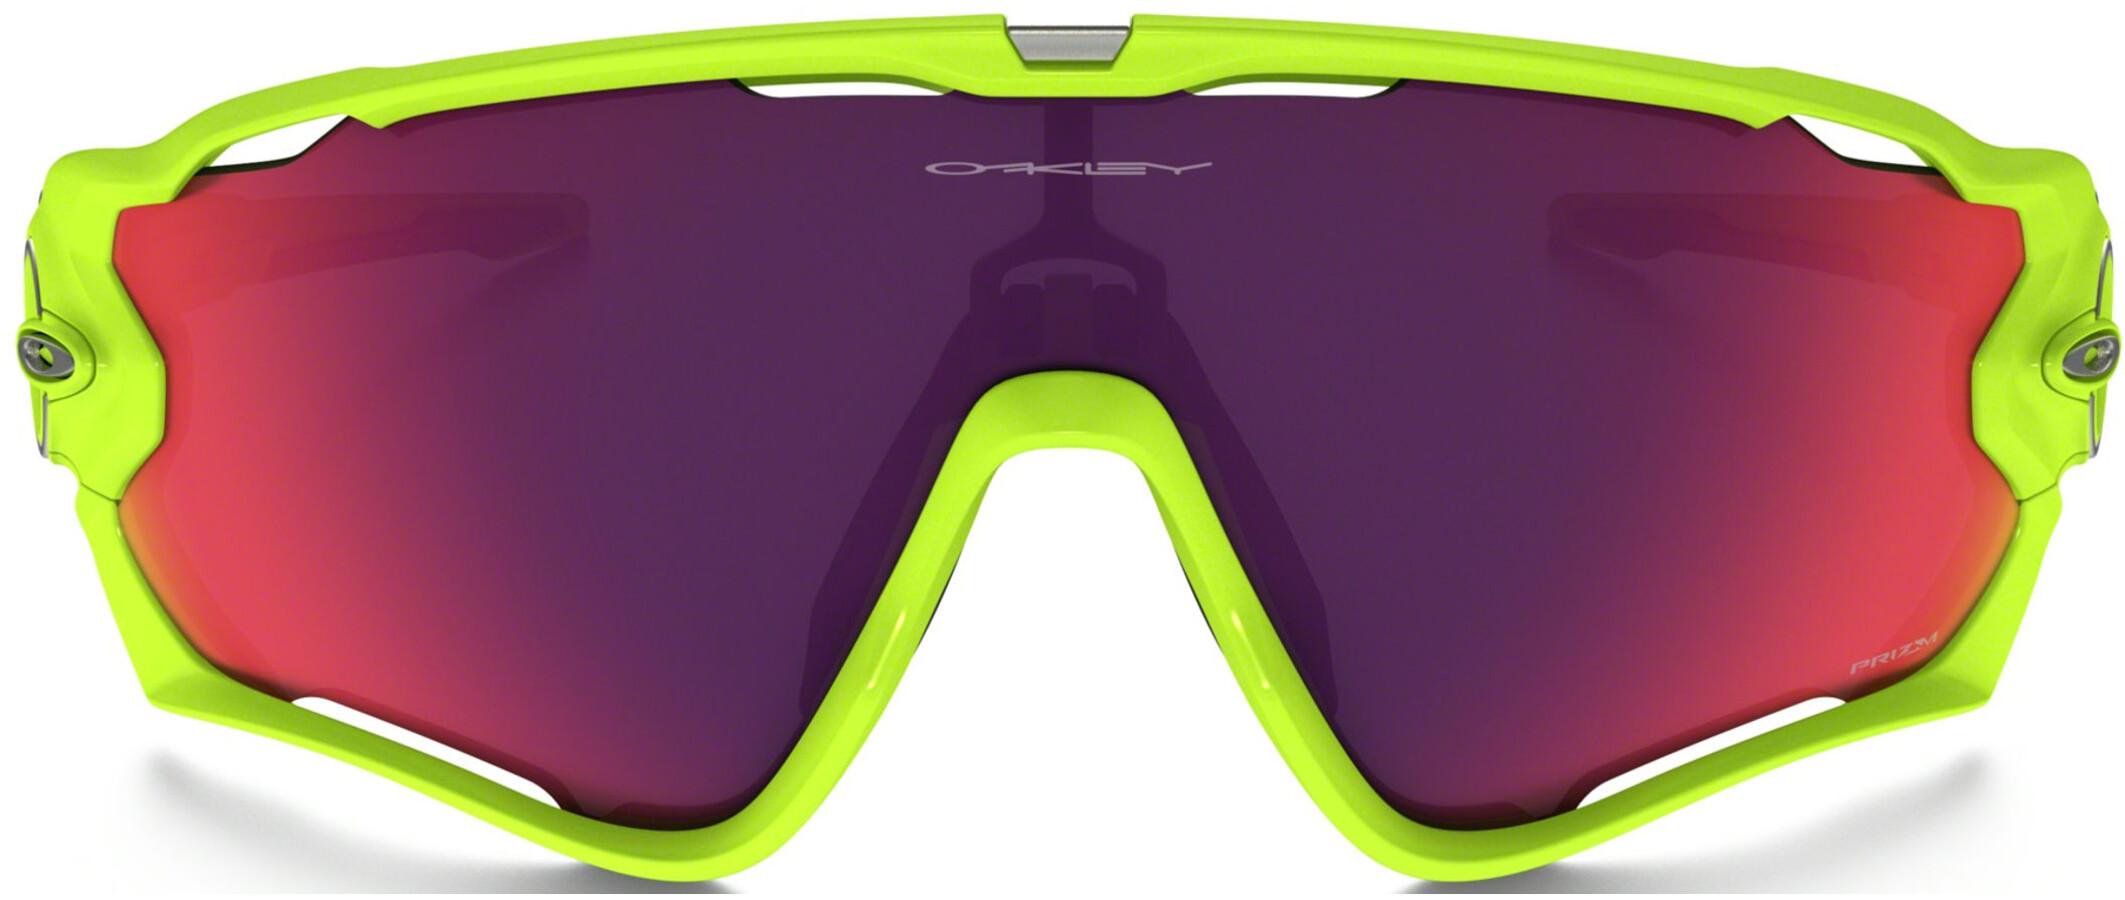 6e19bd4f22a06d Oakley Jawbreaker - Lunettes cyclisme - jaune rose - Boutique de ...